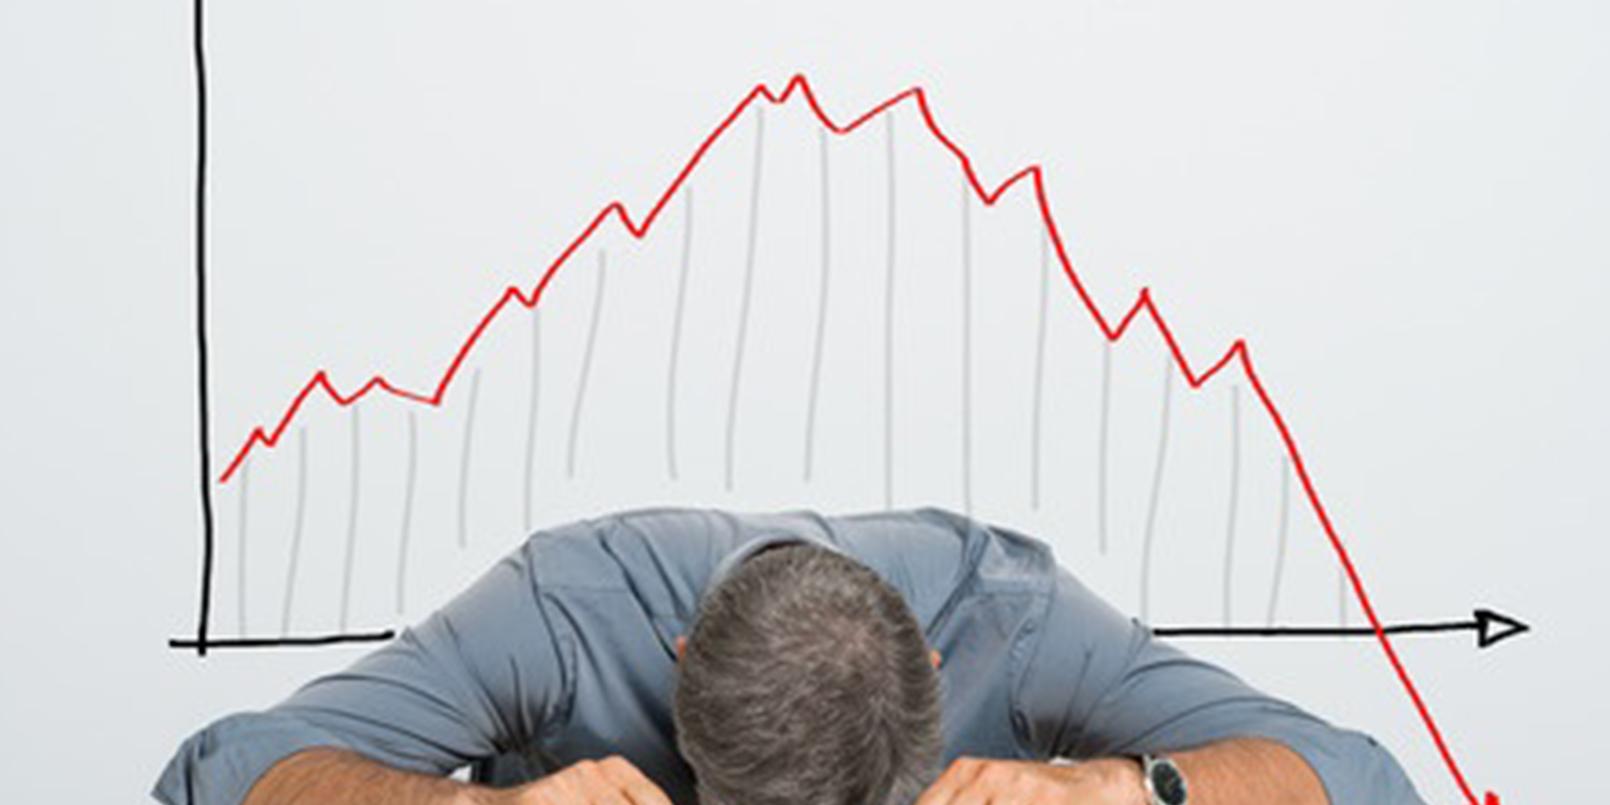 La disolución de una empresa en quiebra es obligatoria | Sala de prensa Grupo Asesor ADADE y E-Consulting Global Group